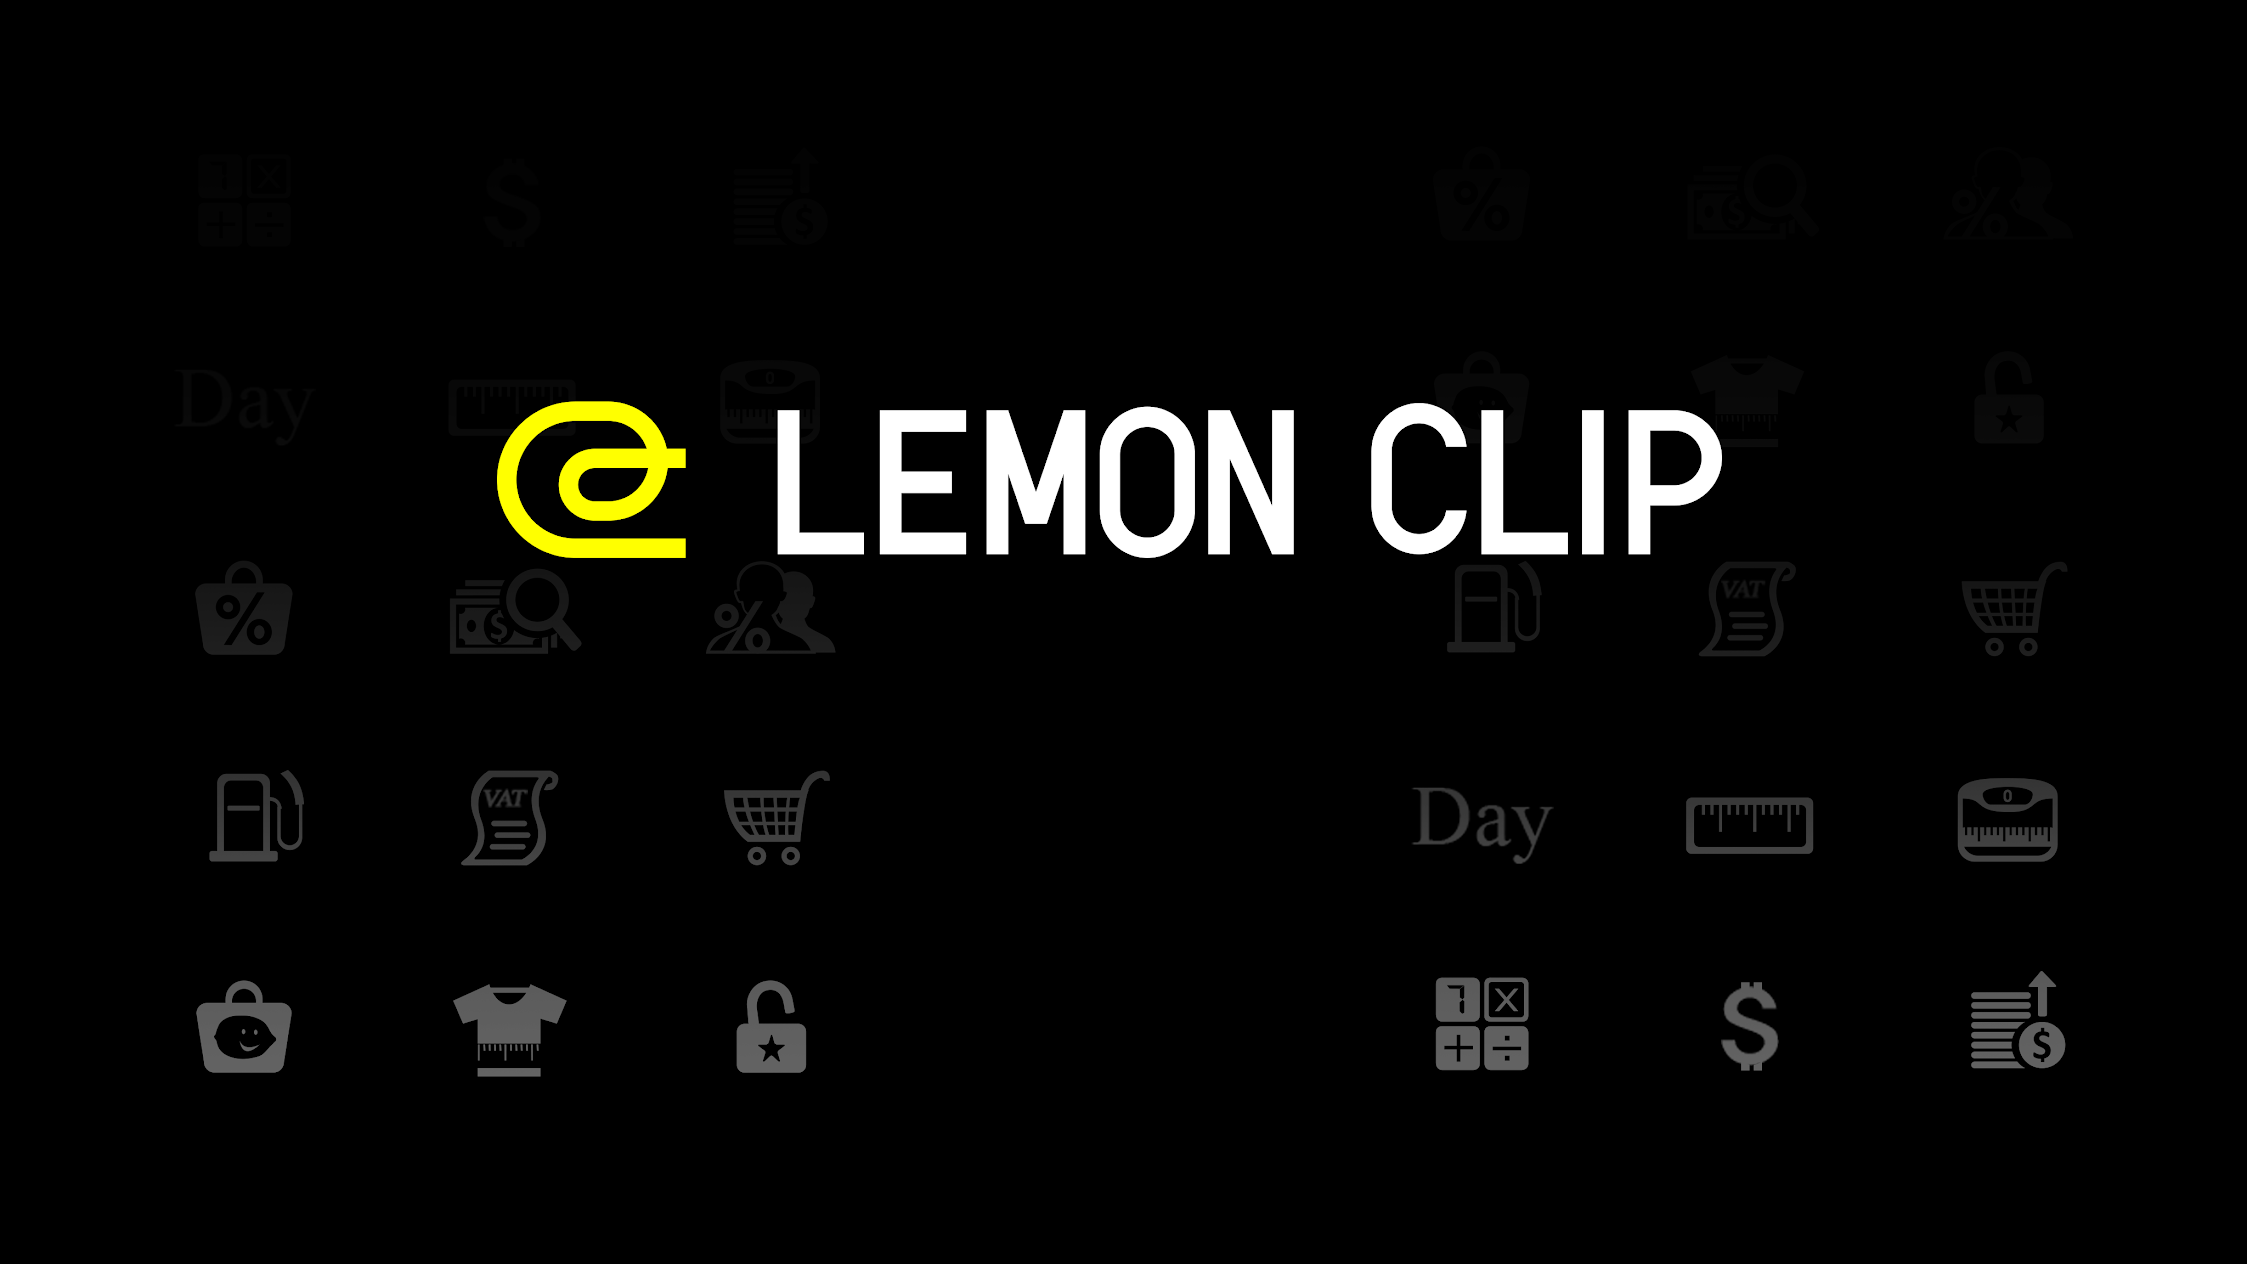 LemonClip